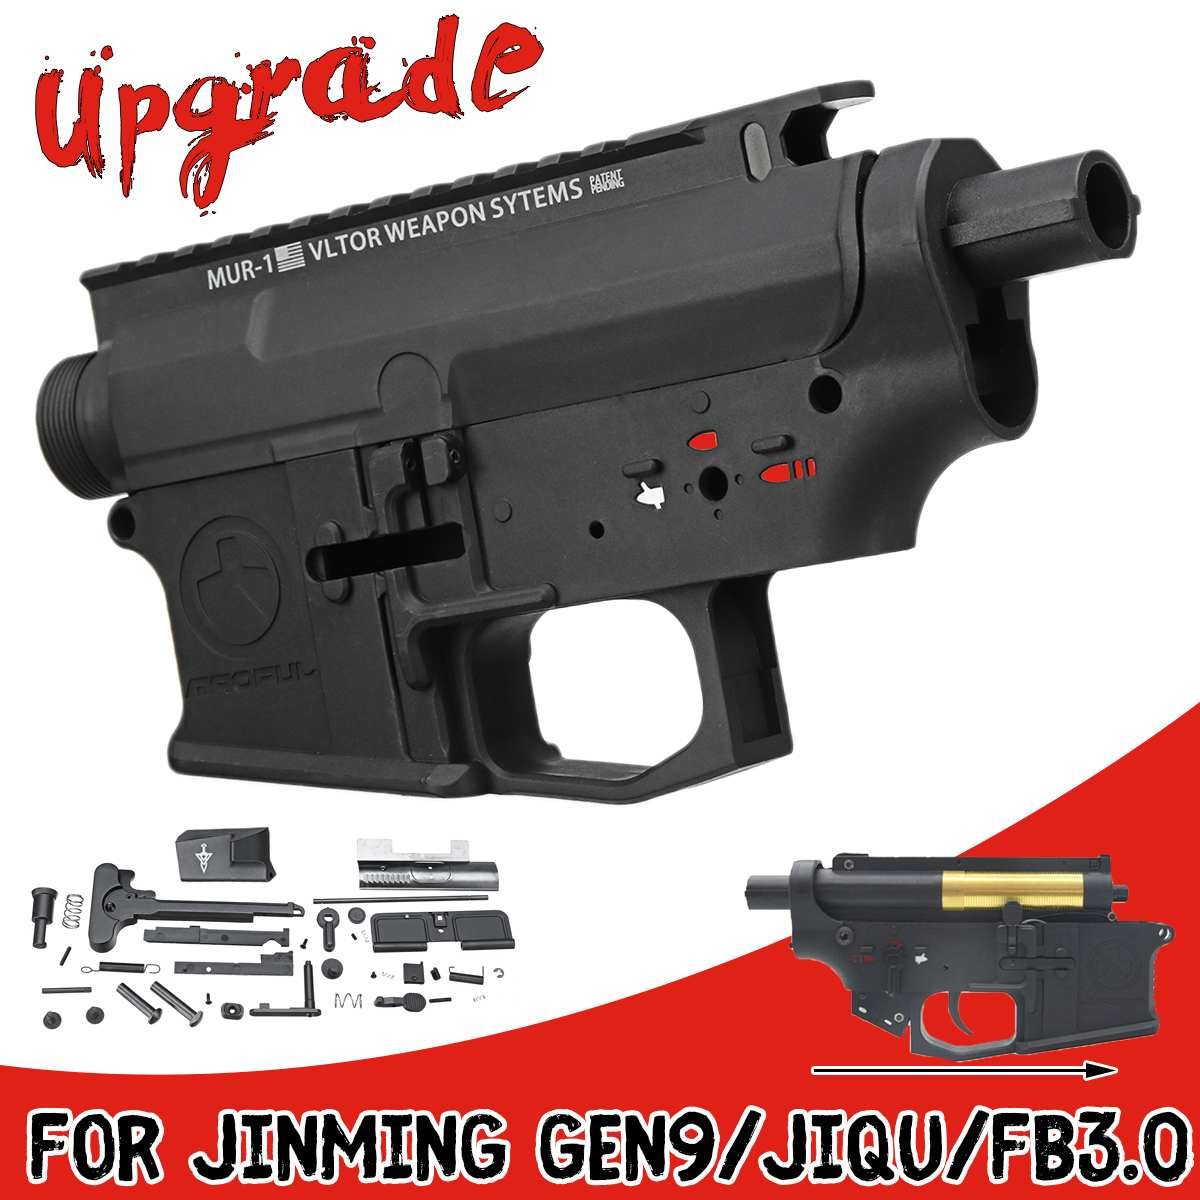 Nylon Récepteur Shell Métal Upgrade Pièces convient pour JinMing Gen9/JiQu/FB3.0 Boîte De Vitesses Gel Balle Blasters jeux aquatiques Fusils Jouets